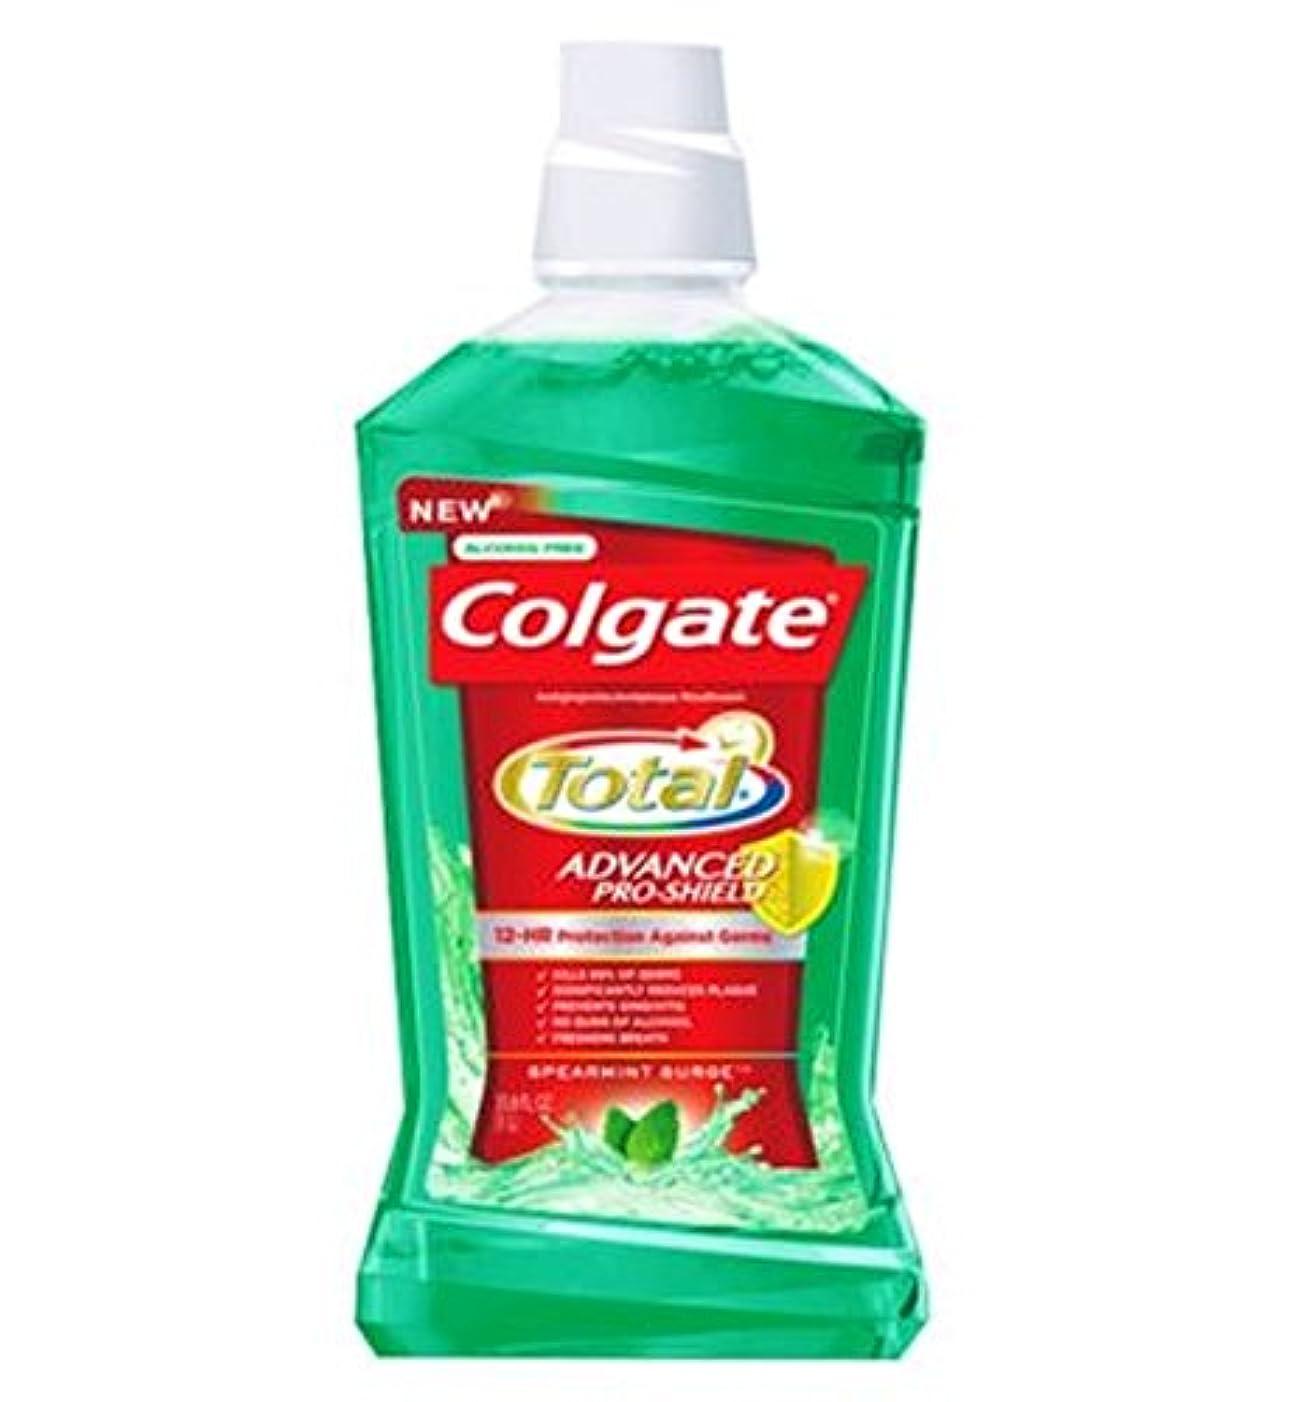 頬骨通知明日Colgate Mouthrinse Total Green 500ml - コルゲートの口内洗浄剤の合計緑500ミリリットル (Colgate) [並行輸入品]